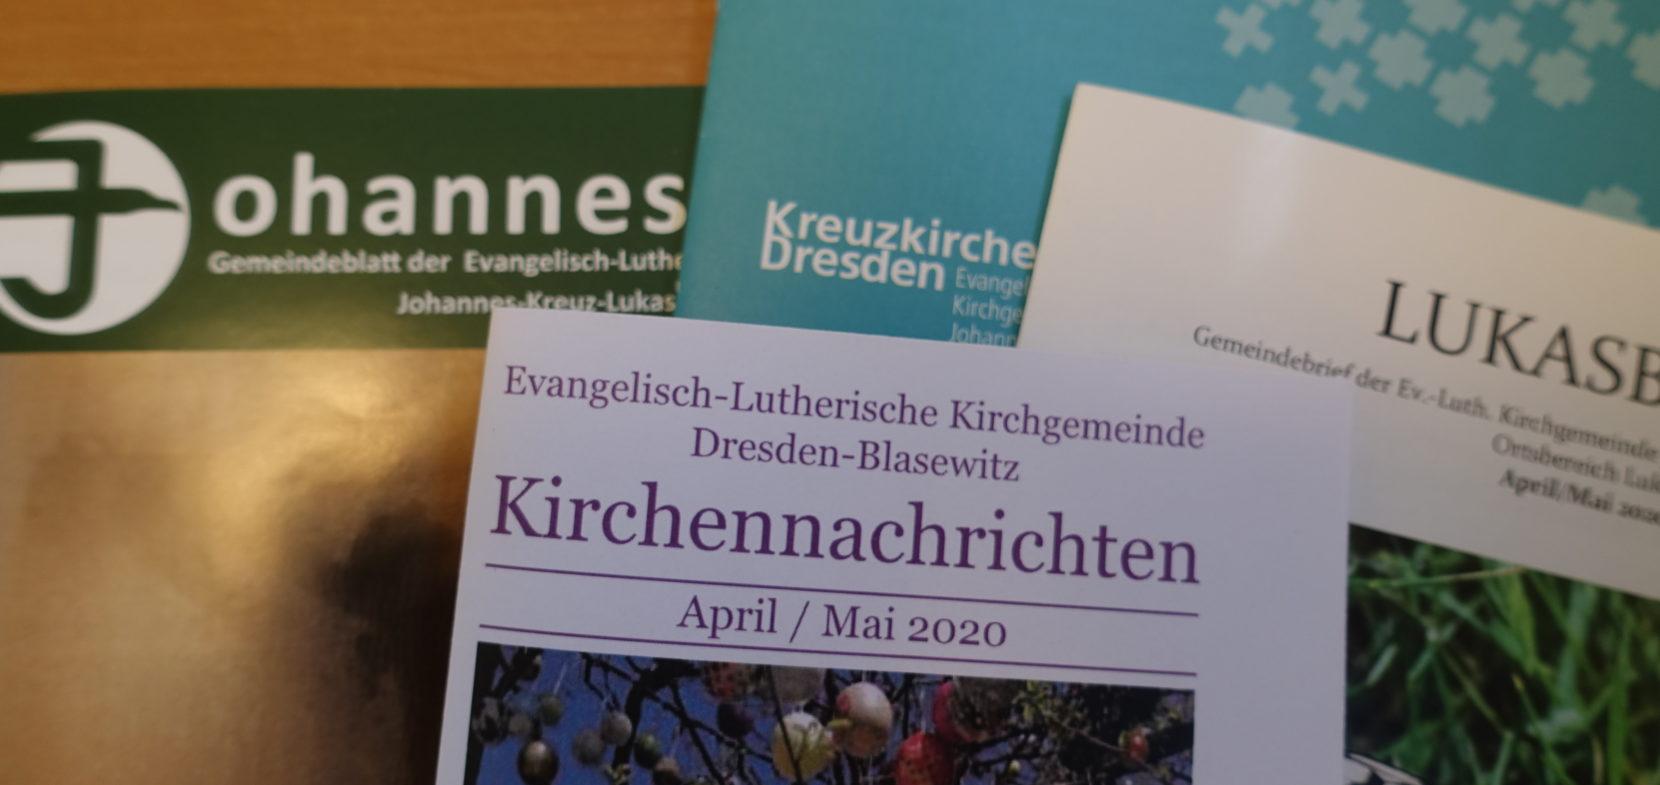 Veröffentlichungen in den Kirchennachrichten